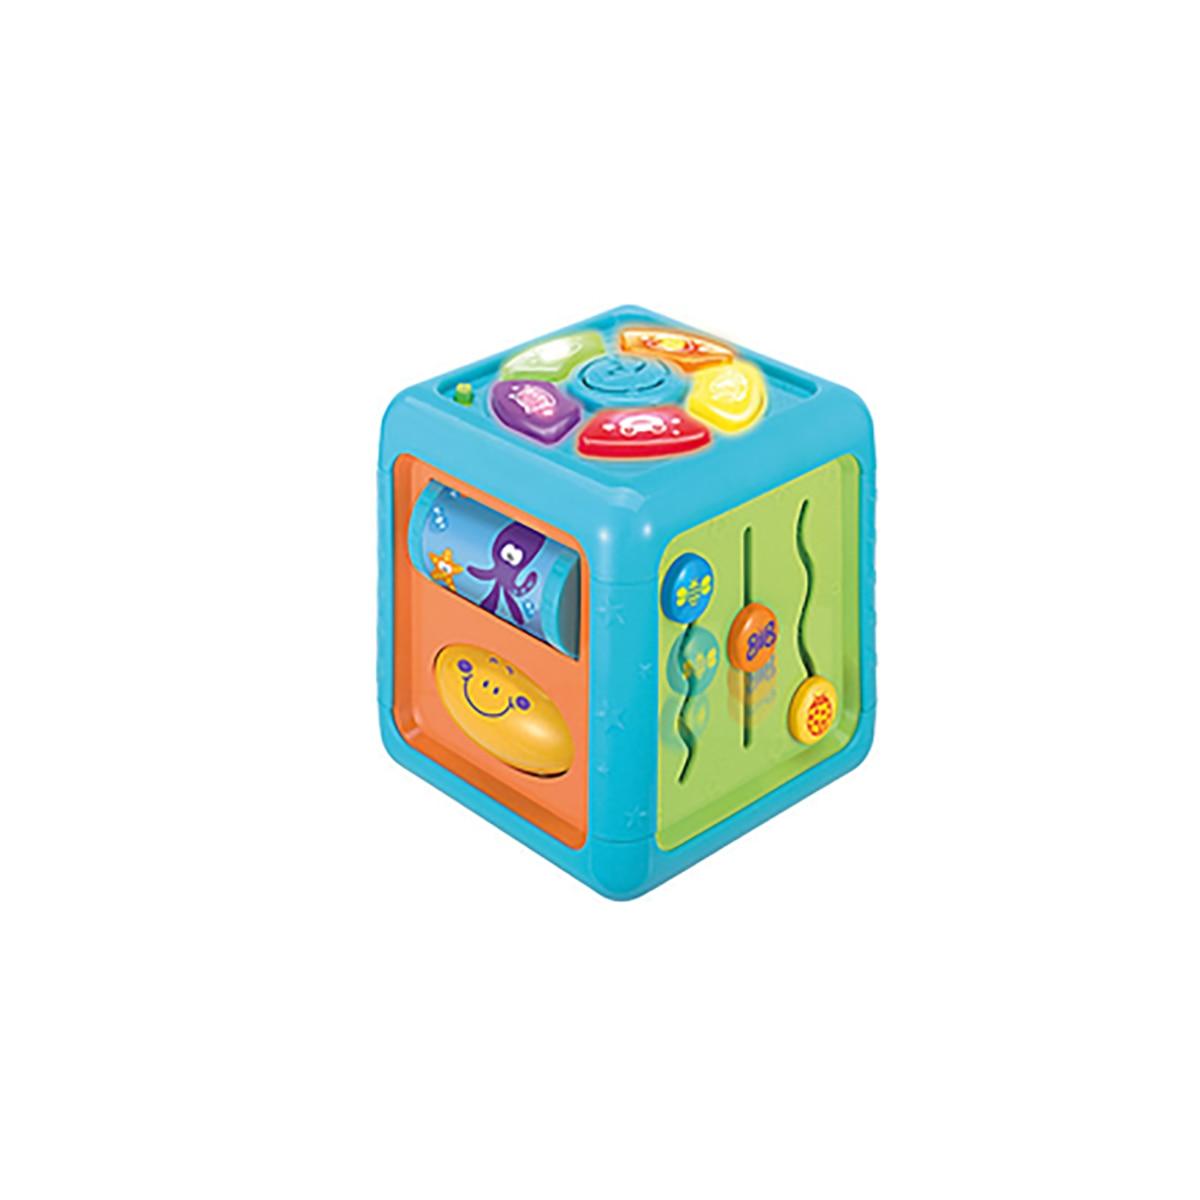 WINFUN bébé hochets et Mobiles 7771983 jouets éducatifs enfant en bas âge pour garçons et filles enfants enfants MTpromo